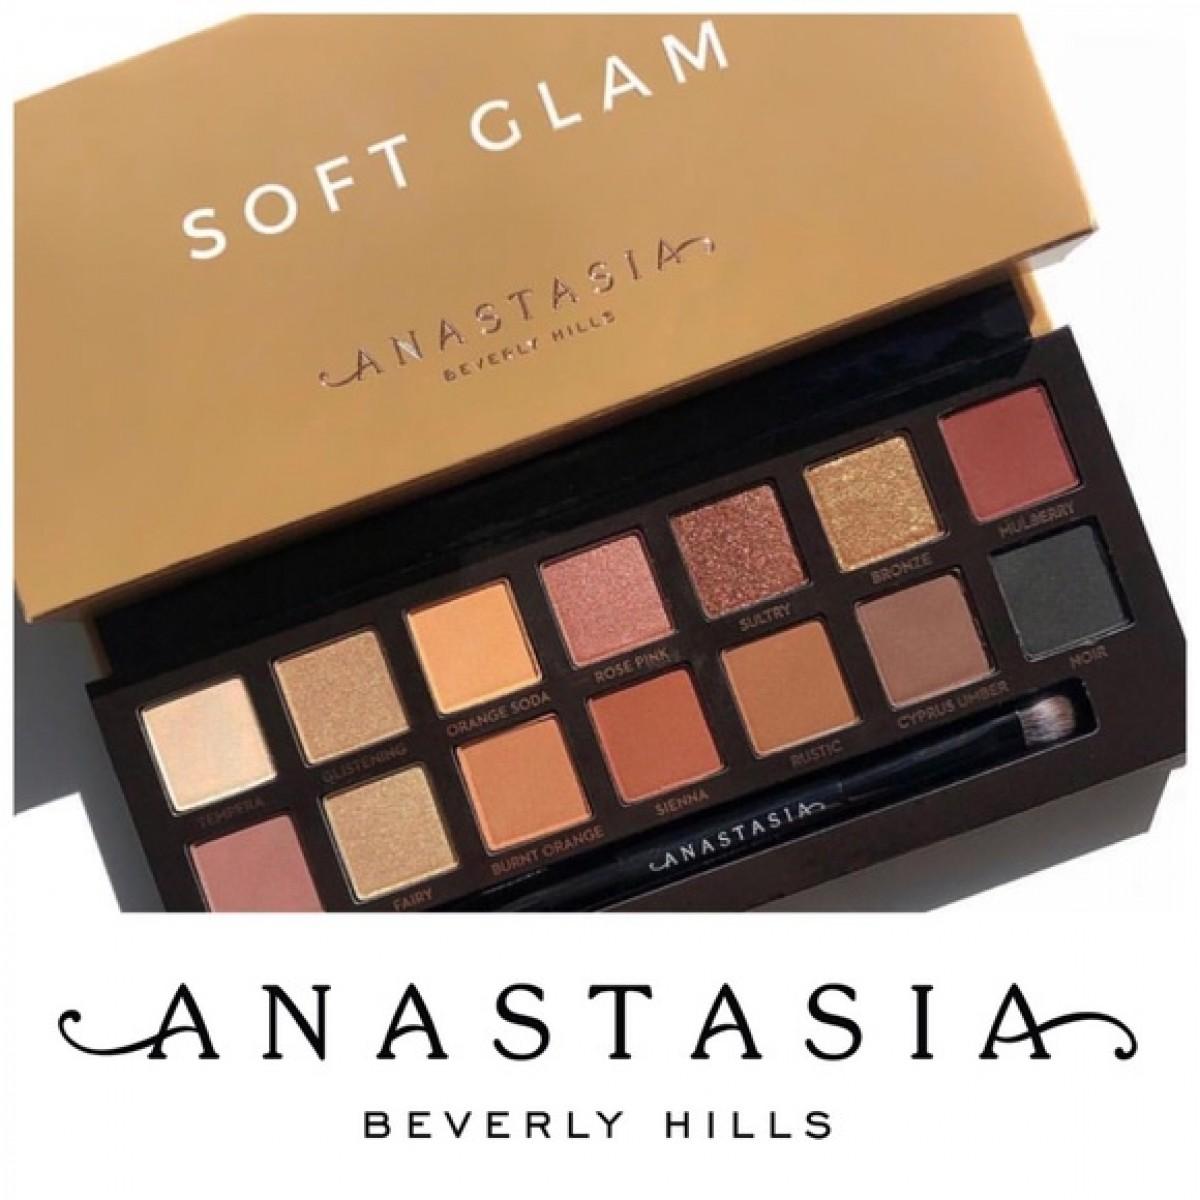 Anastasia Beverly Hills paleta senčil - Soft Glam